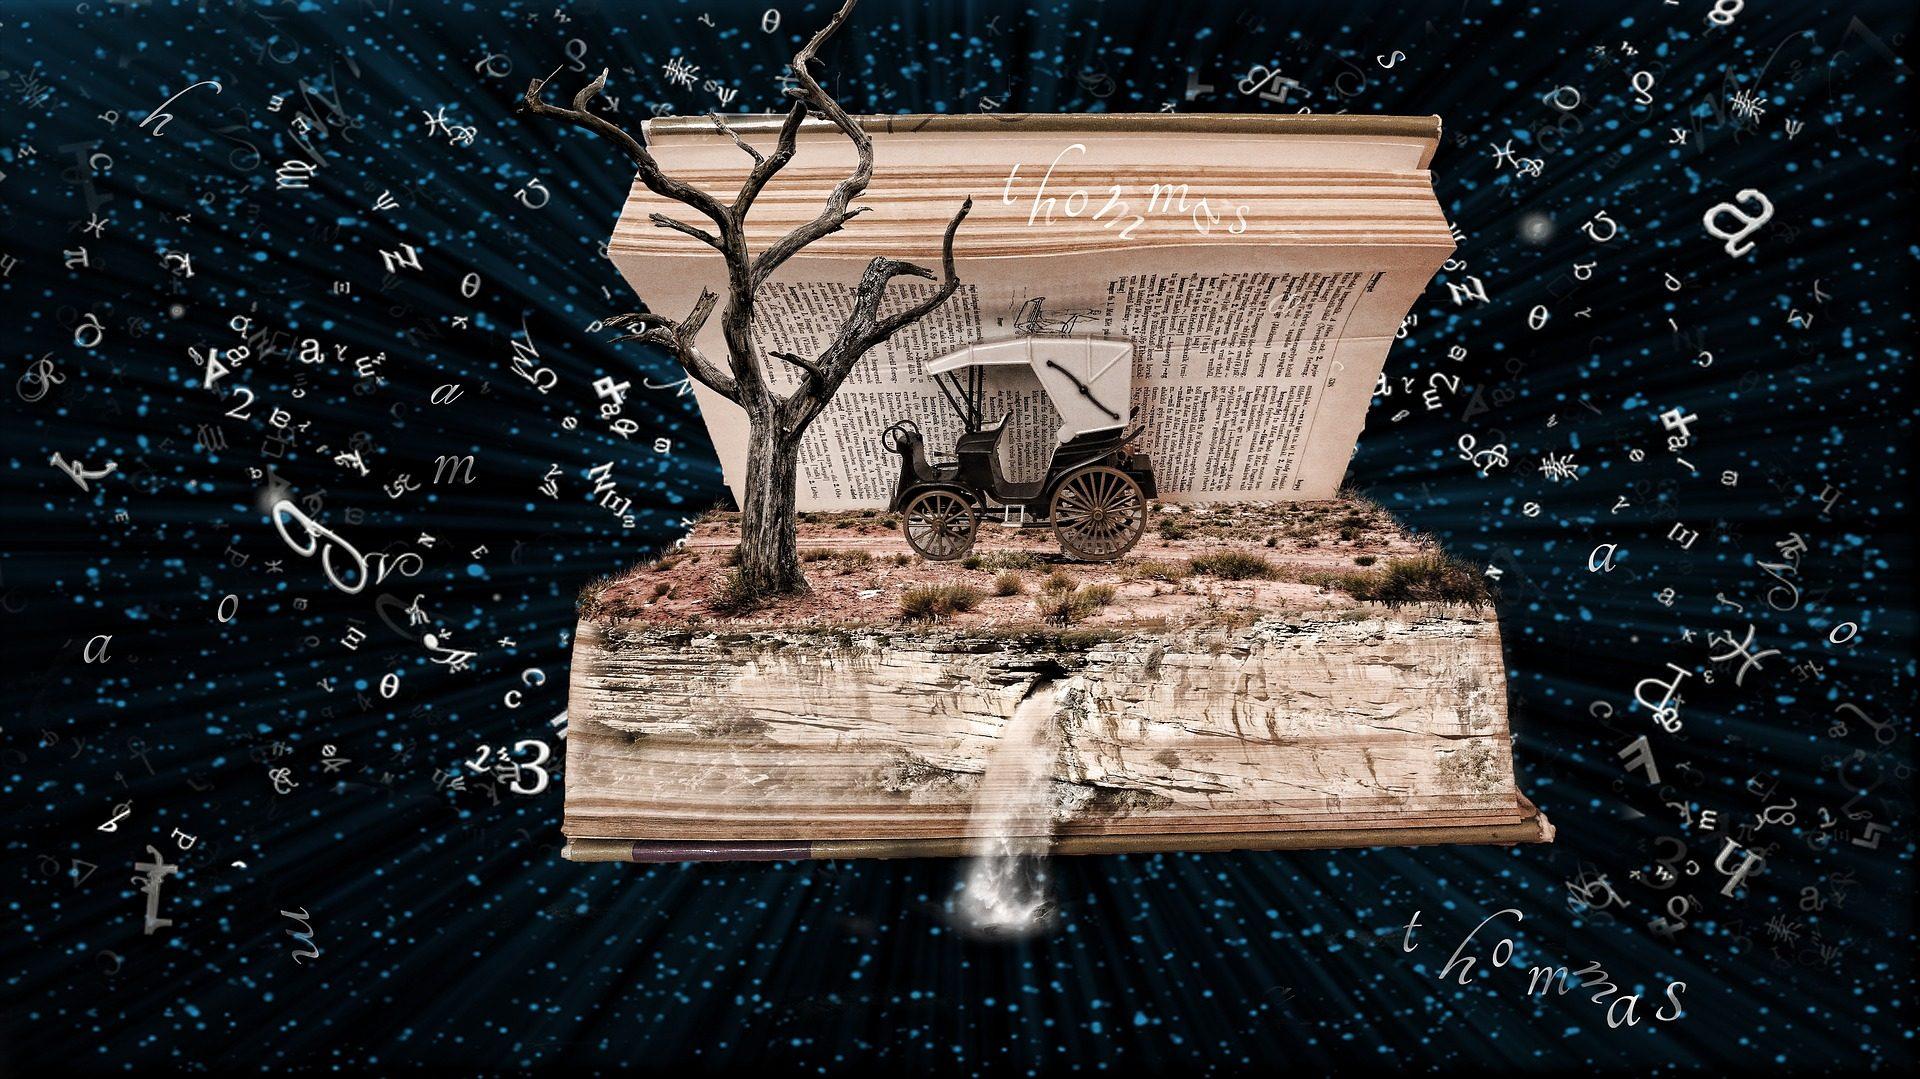 كتاب, سيارات, القديمة, خمر, شجرة, كلمات الأغاني - خلفيات عالية الدقة - أستاذ falken.com